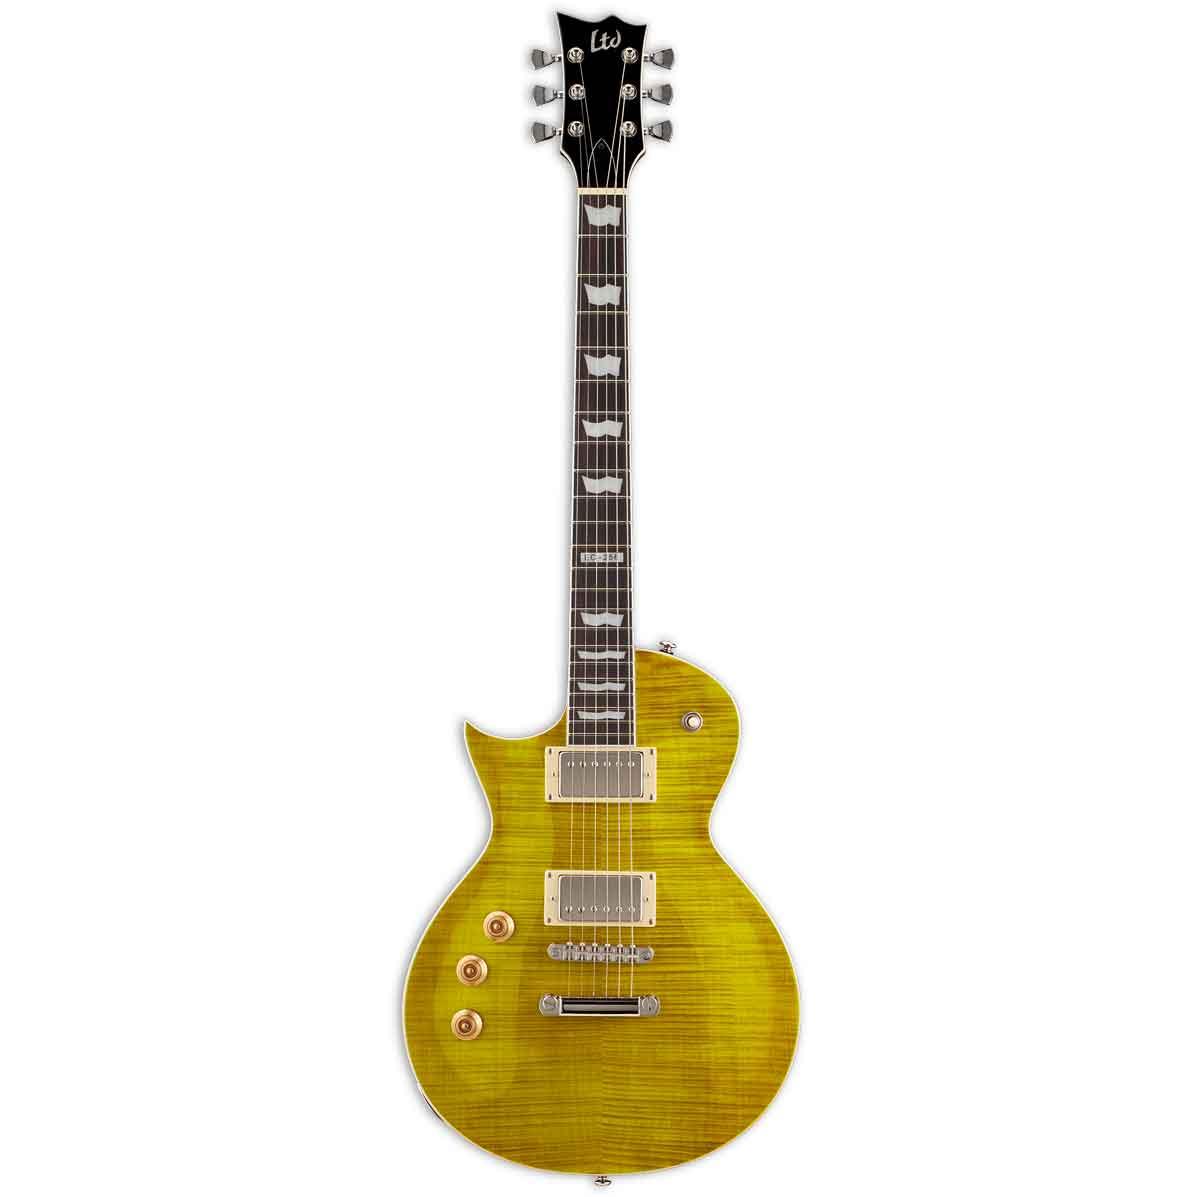 EspLtd EC-256FMLD LH venstrehånds-el-guitar lemondrop